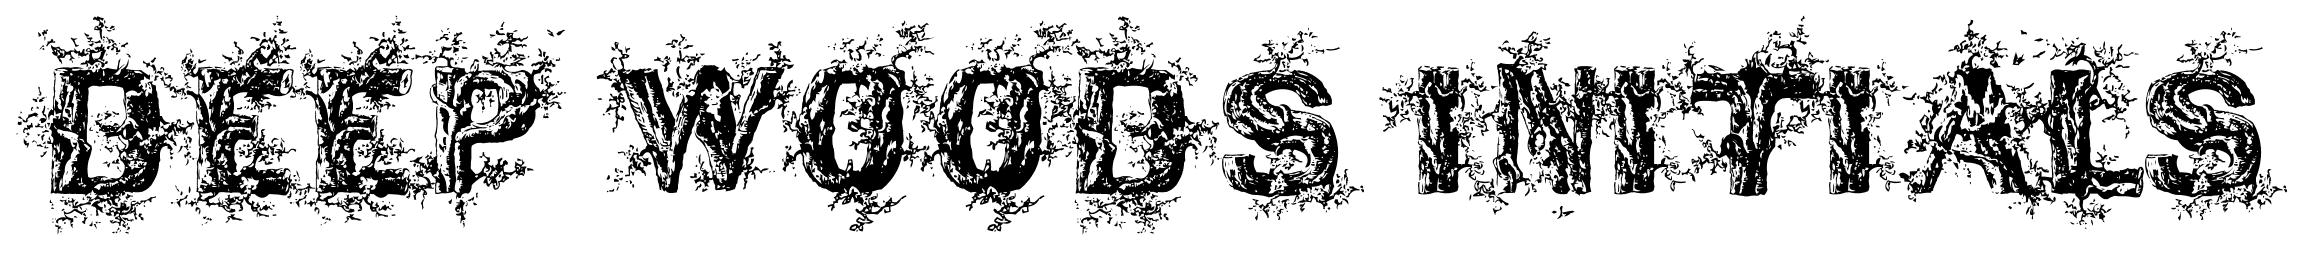 DEEP WOODS INITIALS font